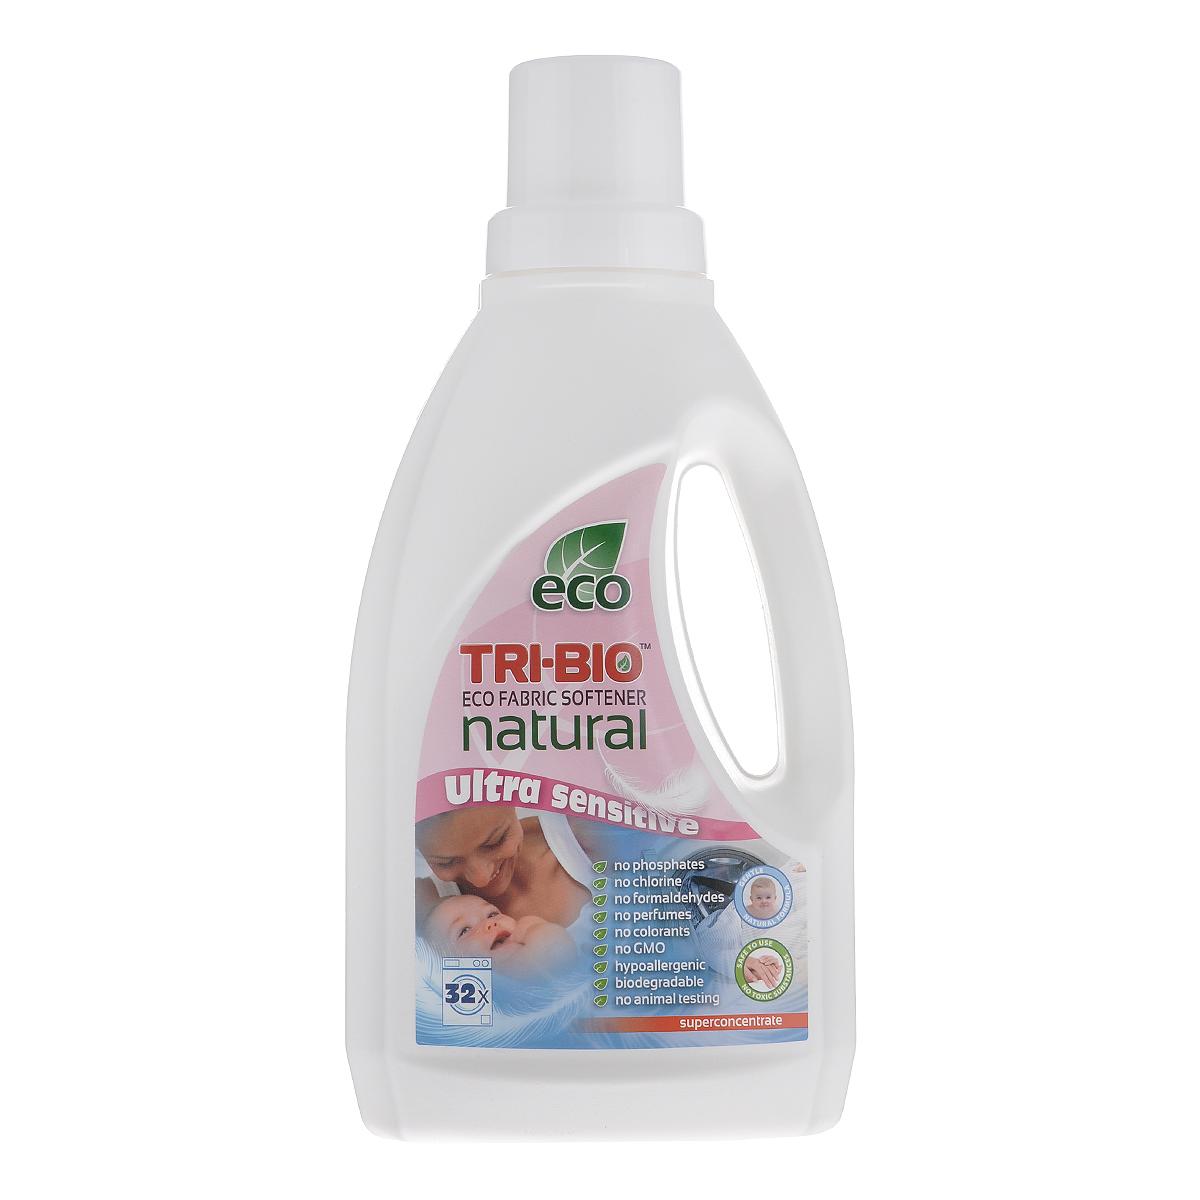 Натуральный кондиционер-смягчитель для белья Tri-Bio, 940 мл40500Эффективная ультра-нежная формула основана на био-энзимах и натуральных растительных и минеральных компонентах. Суперконцентрат расчитан на 32 стирки. Безопасная альтернатива химическим аналогам. Формула кондиционера -смягчителя достаточно нежная для чувствительной детской кожи. Идеально подходит для детского белья и людей с чувствительной кожей. Не содержит ароматов и красителей, рекомендуются для людей, склонных к аллергиям и астме. Для здоровья: Не содержит жесткие химические вещества, токсические вещества, агрессивные абразивные вещества, агрессивные растворители, хлор отбеливающих веществ, фосфаты, нонилфенолы, красители и ароматизаторы, гипоаллергенно.Для окружающей среды: Низкий уровень ЛОС, легко биоразлагаемо, минимальное влияние на водные организмы, рециклируемые упаковочные материалы, не испытывалось на животных.Присвоен сертификат ECO GREEN.